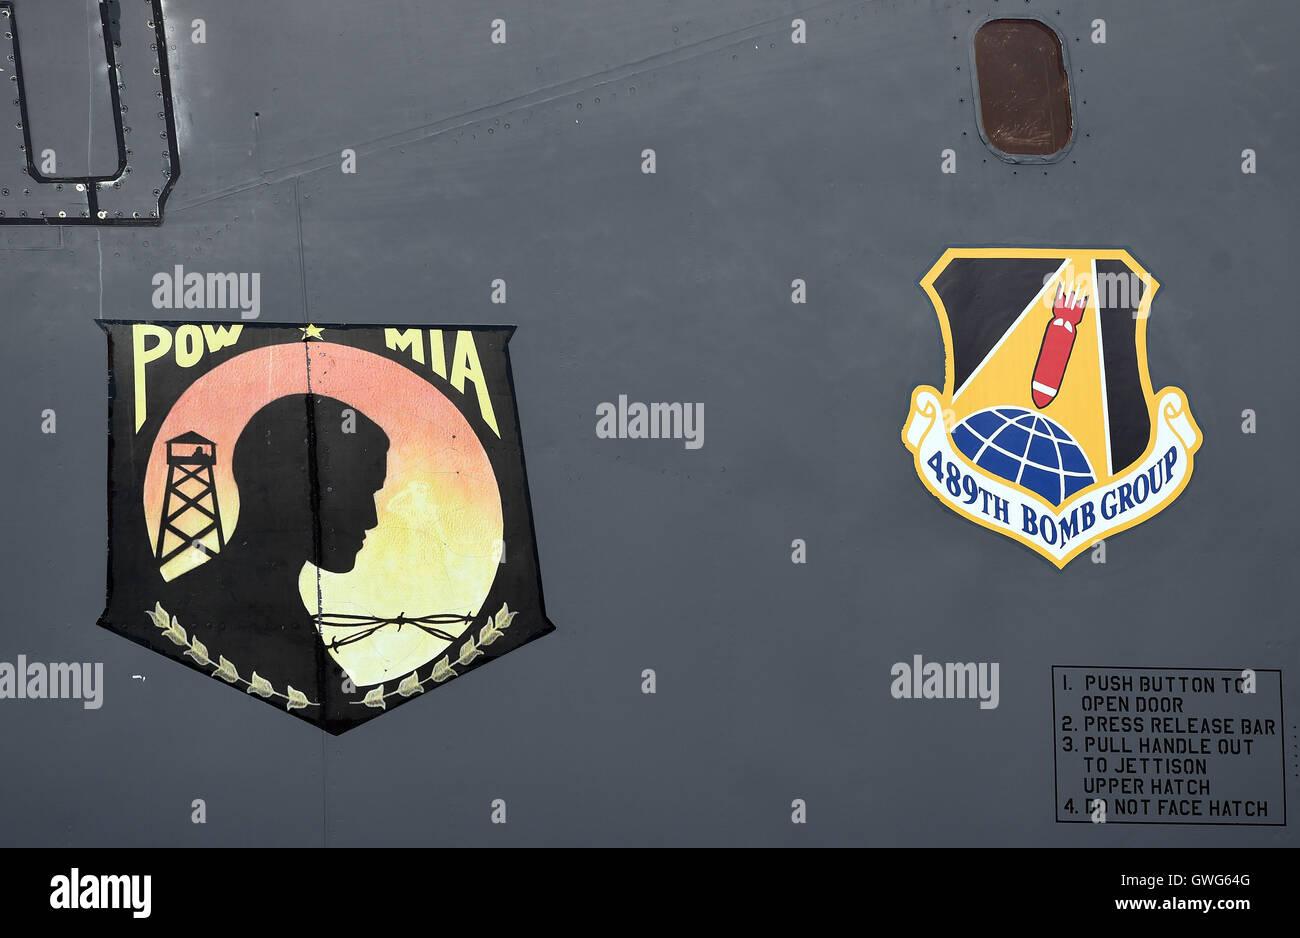 Mosnov, República Checa. 13 Sep, 2016. Estados Unidos bombarderos estratégicos B-52 Stratofortress y el B-1B Lancer (foto pegatinas en el avión) tierra en aeropuerto Mosnov, República Checa, 13 de septiembre de 2016. El bombardero B-52 tendrá sus primeros vuelos dentro del ejercicio de la OTAN el domingo durante días y días en la Fuerza Aérea Checa aeropuerto Mosnov en septiembre 17-18. Crédito: Jaroslav Ozana/CTK Foto/Alamy Live News Foto de stock